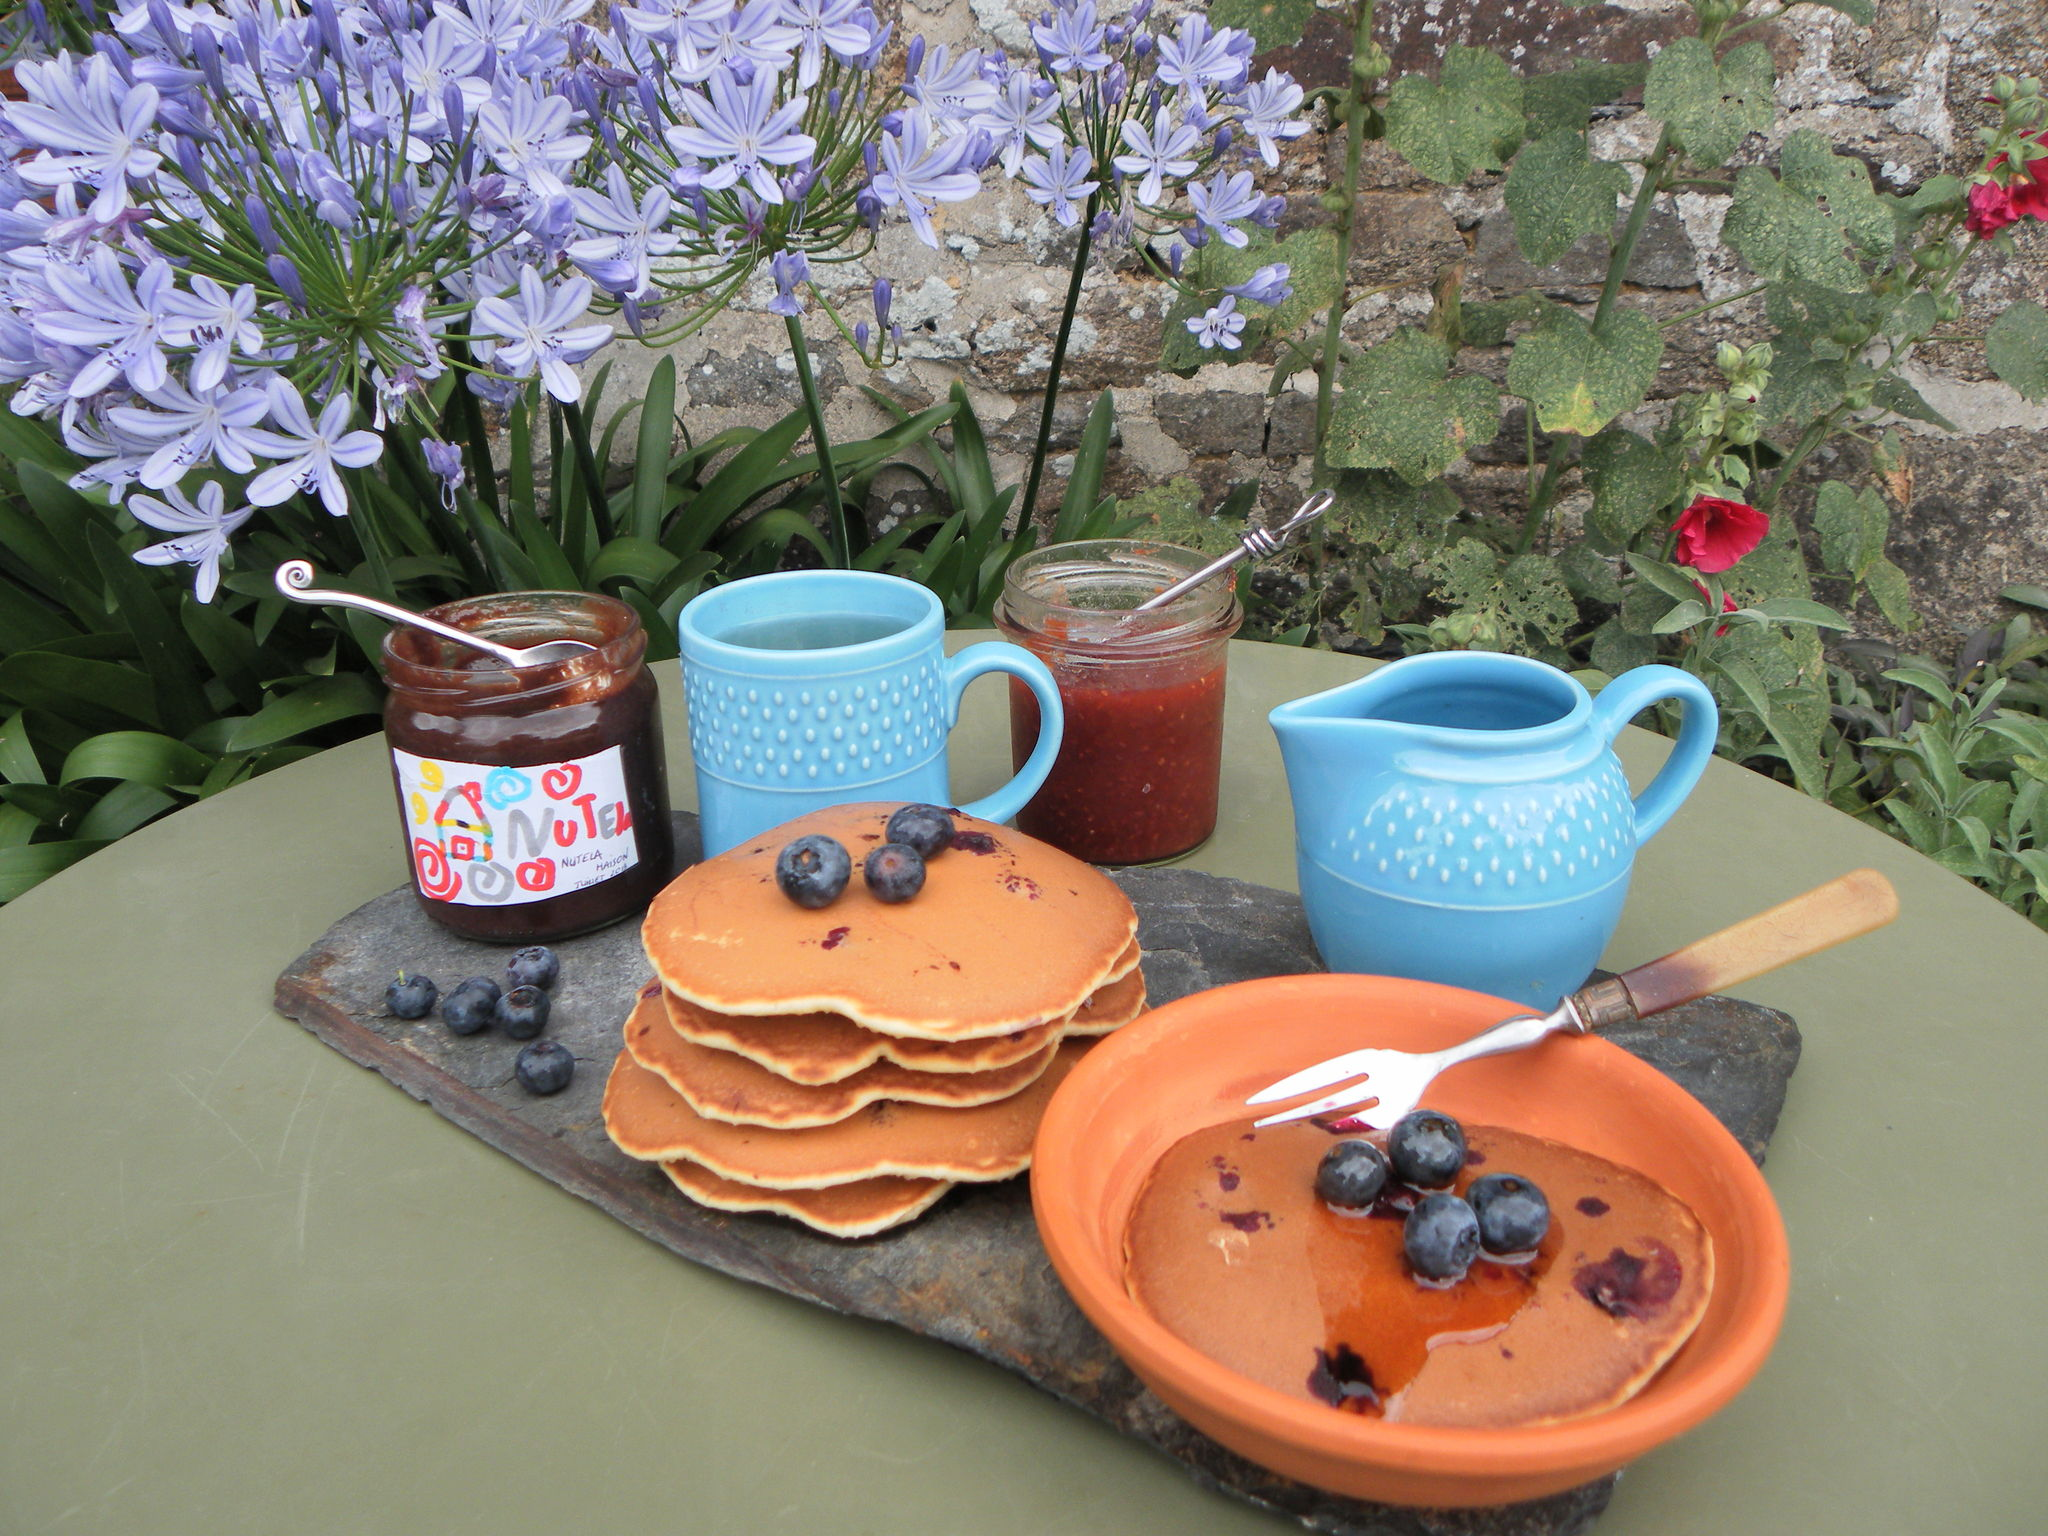 Pancakes aux myrtilles : la vie en Rose